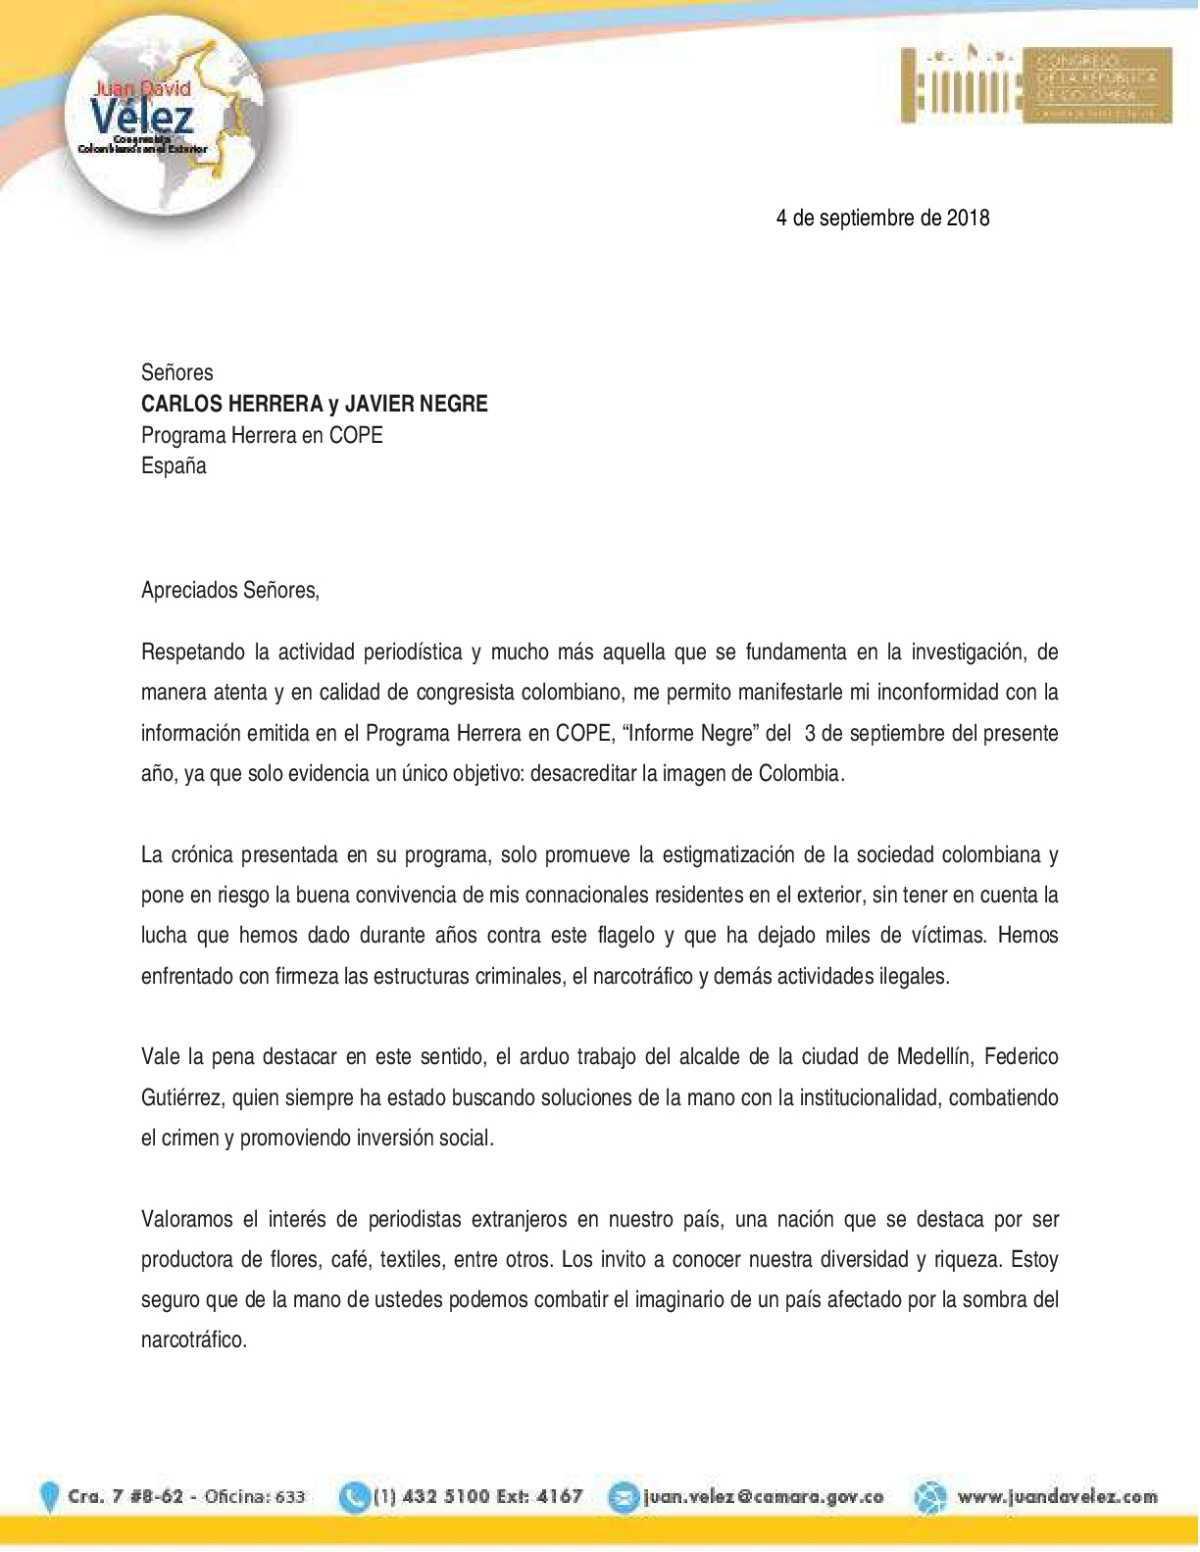 Carta de protesta de Juan David Vélez a la vergonzosa entrevista de Javier Negre